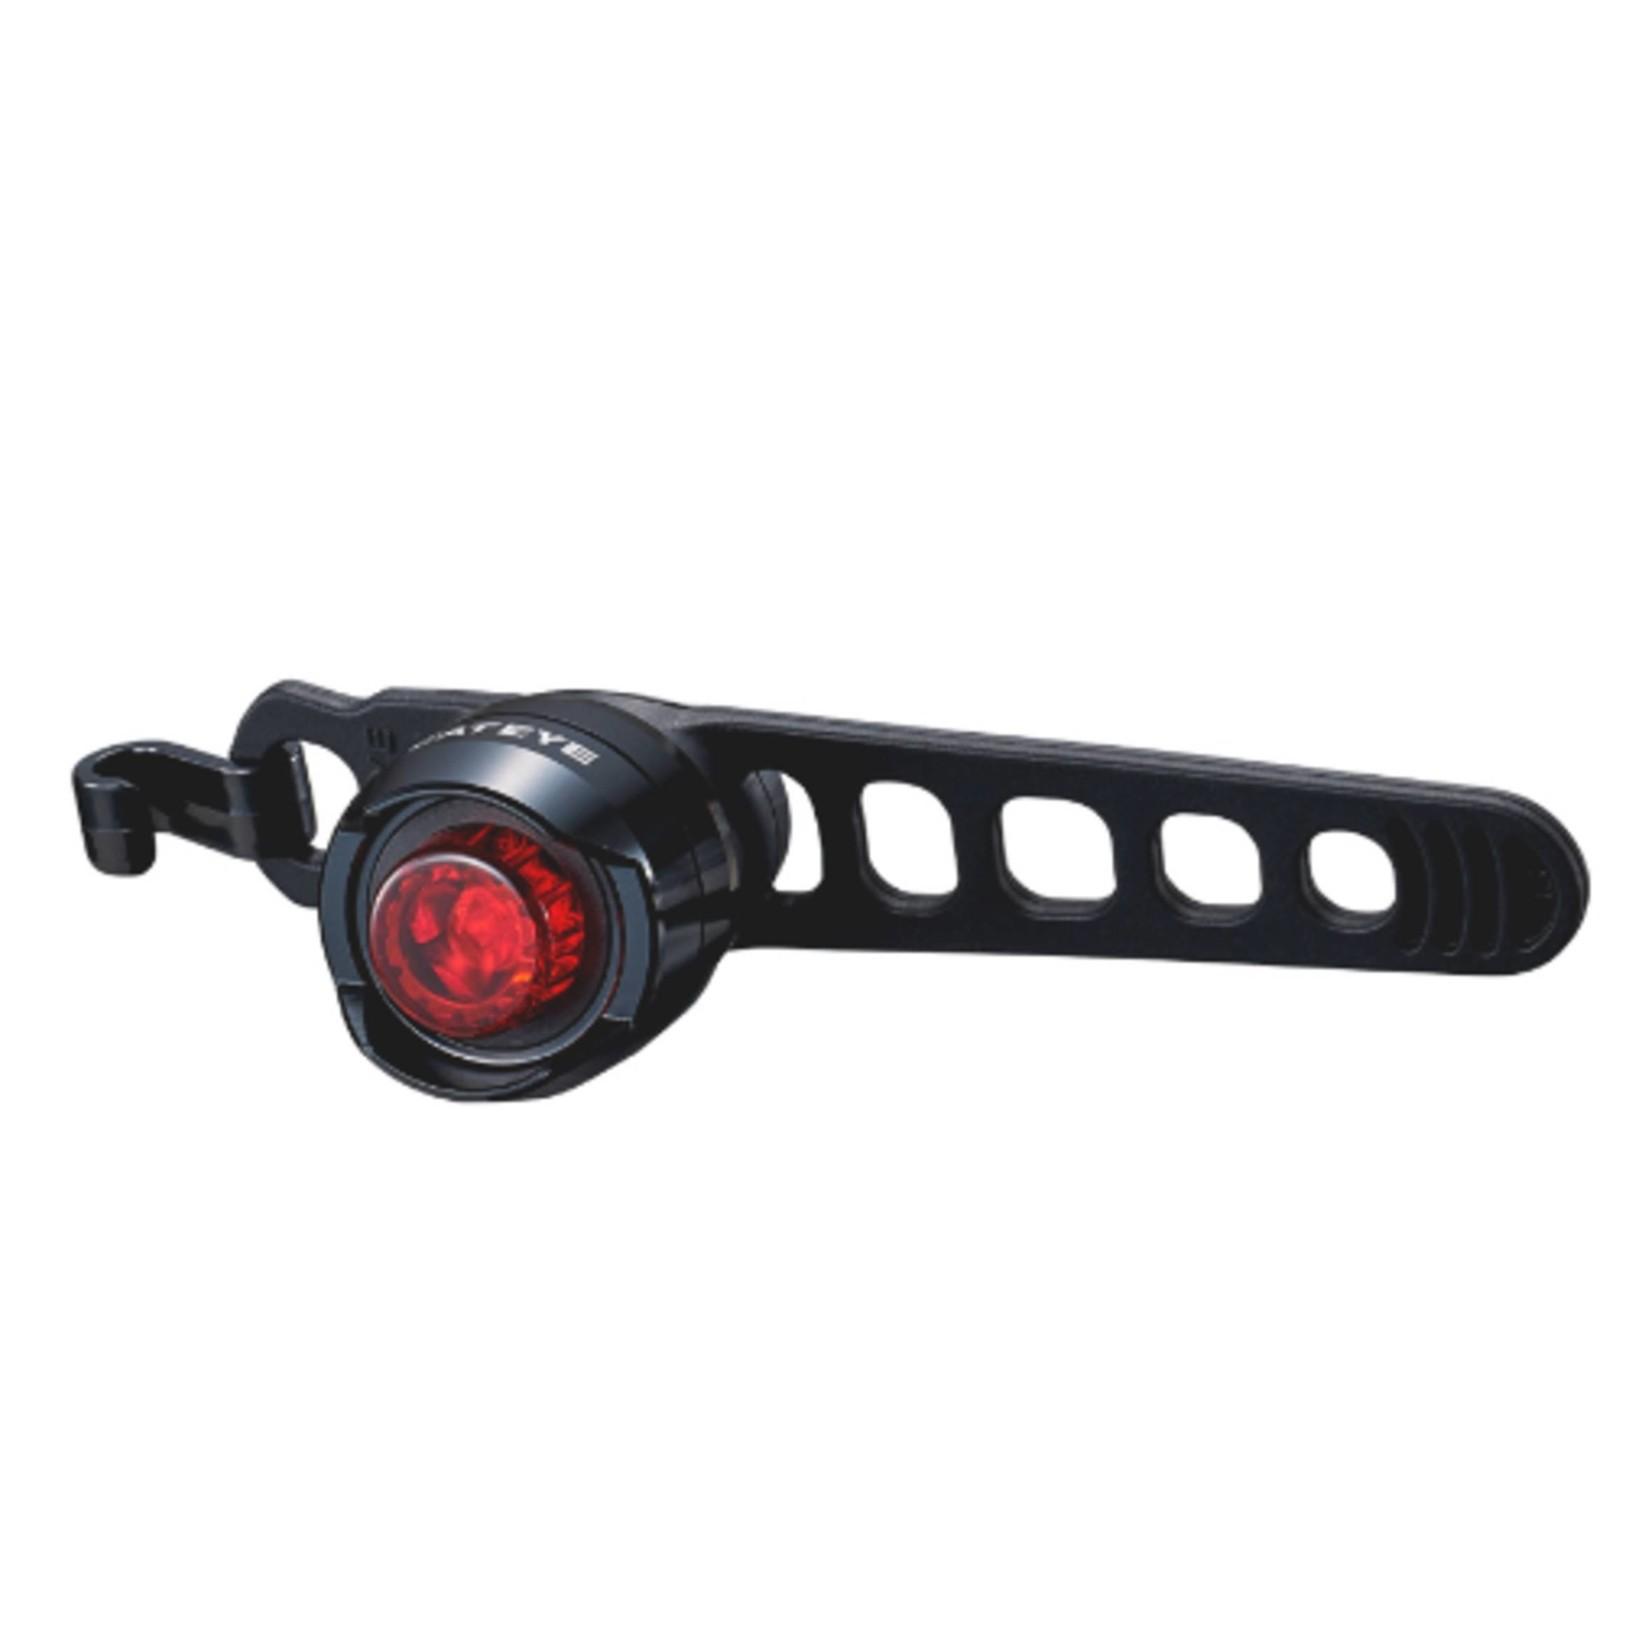 Cateye  Orb Rear Light